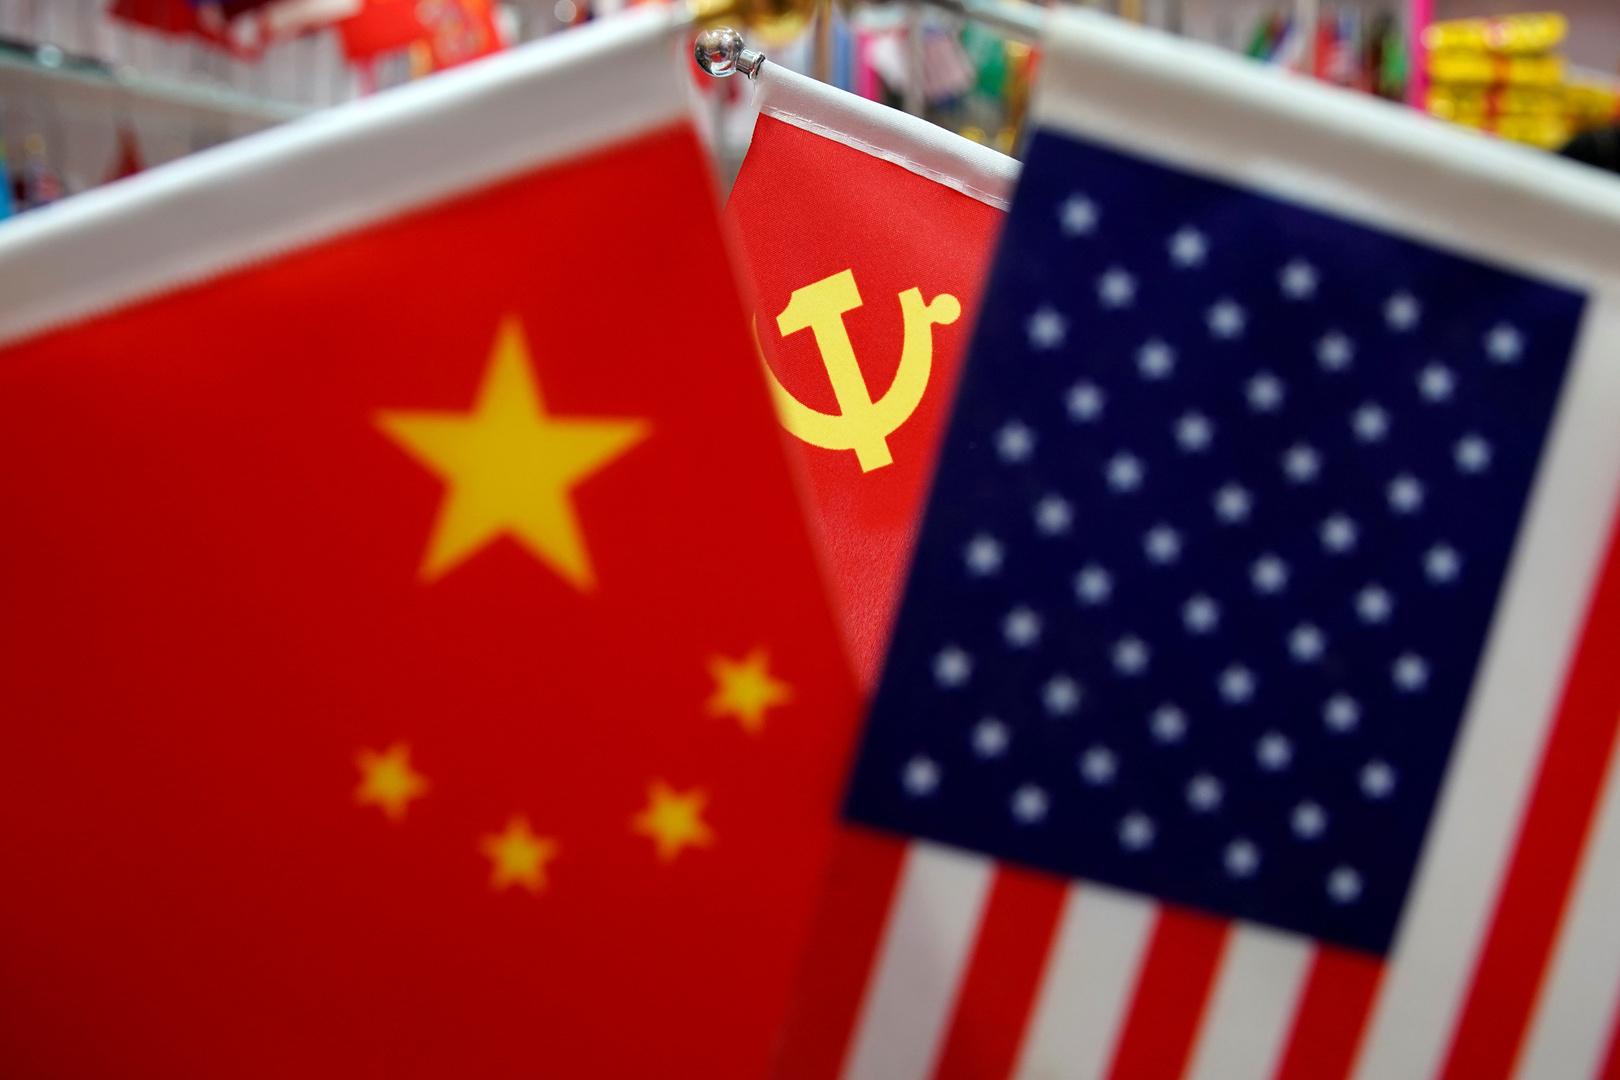 الصين تفرض رسوما جمركية على مجموعة من منتجاتها